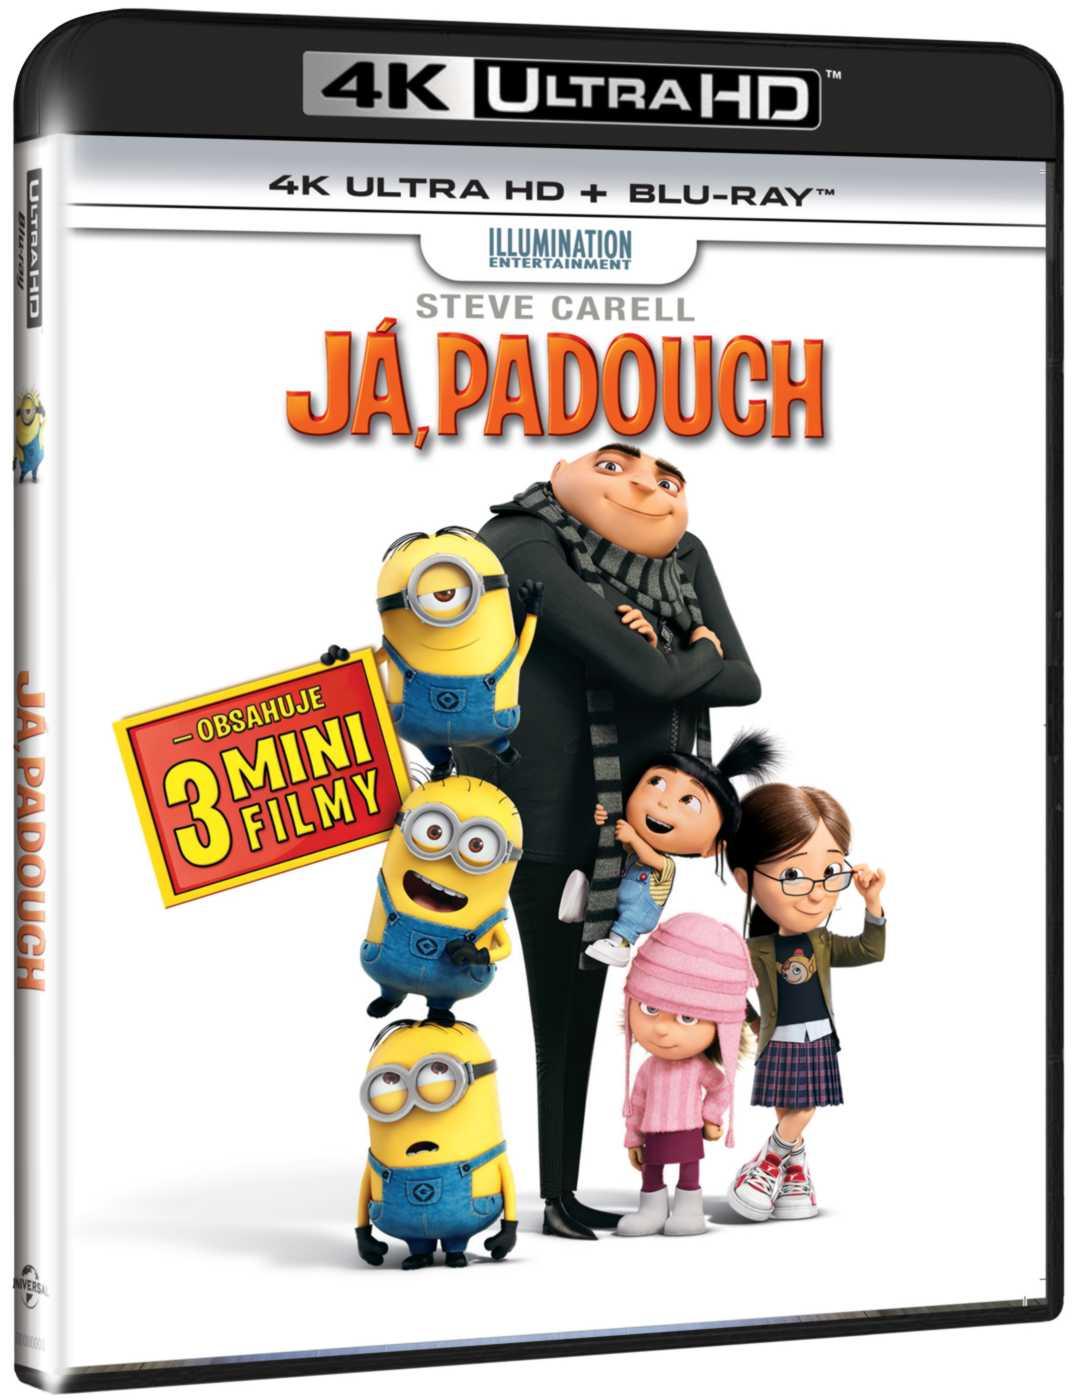 JÁ, PADOUCH (4K ULTRA HD) - UHD Blu-ray + Blu-ray (2 BD)